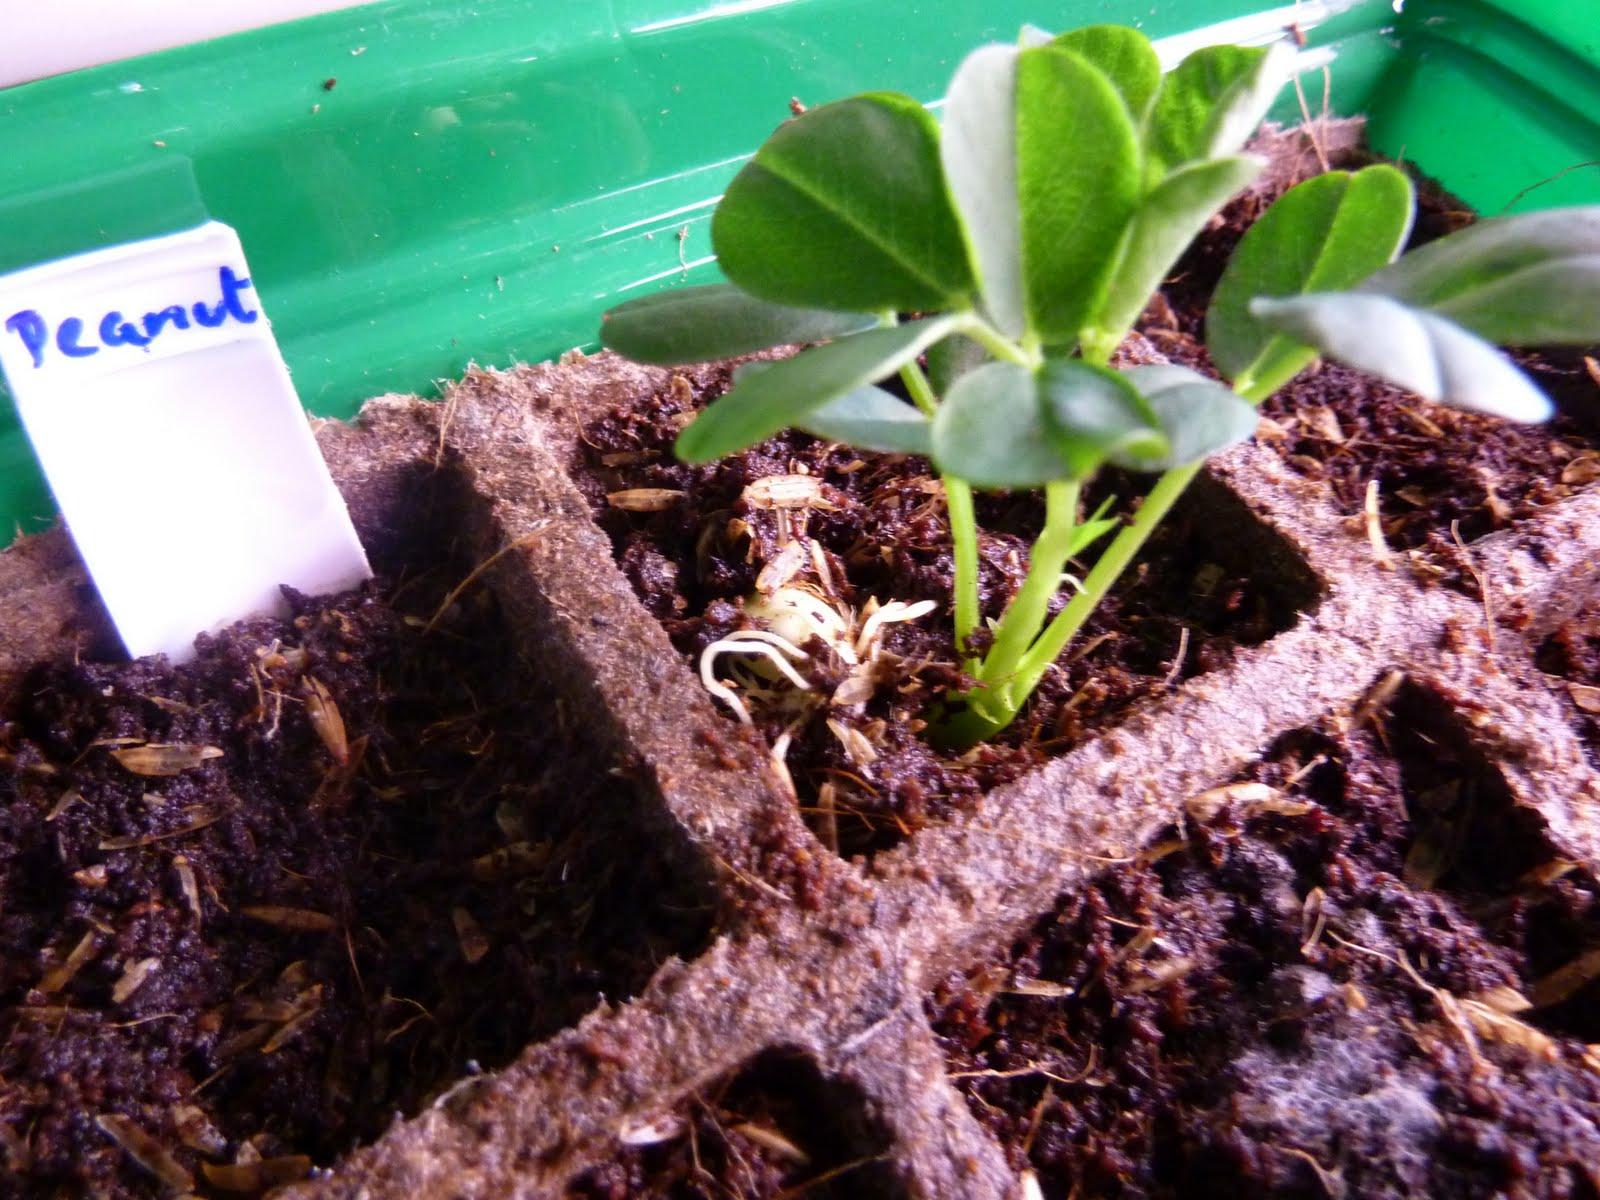 Как вырастить арахис в открытом грунте на урале и в сибири: можно ли сажать земляной орех на рассаду, а также как это делать на даче или огороде?